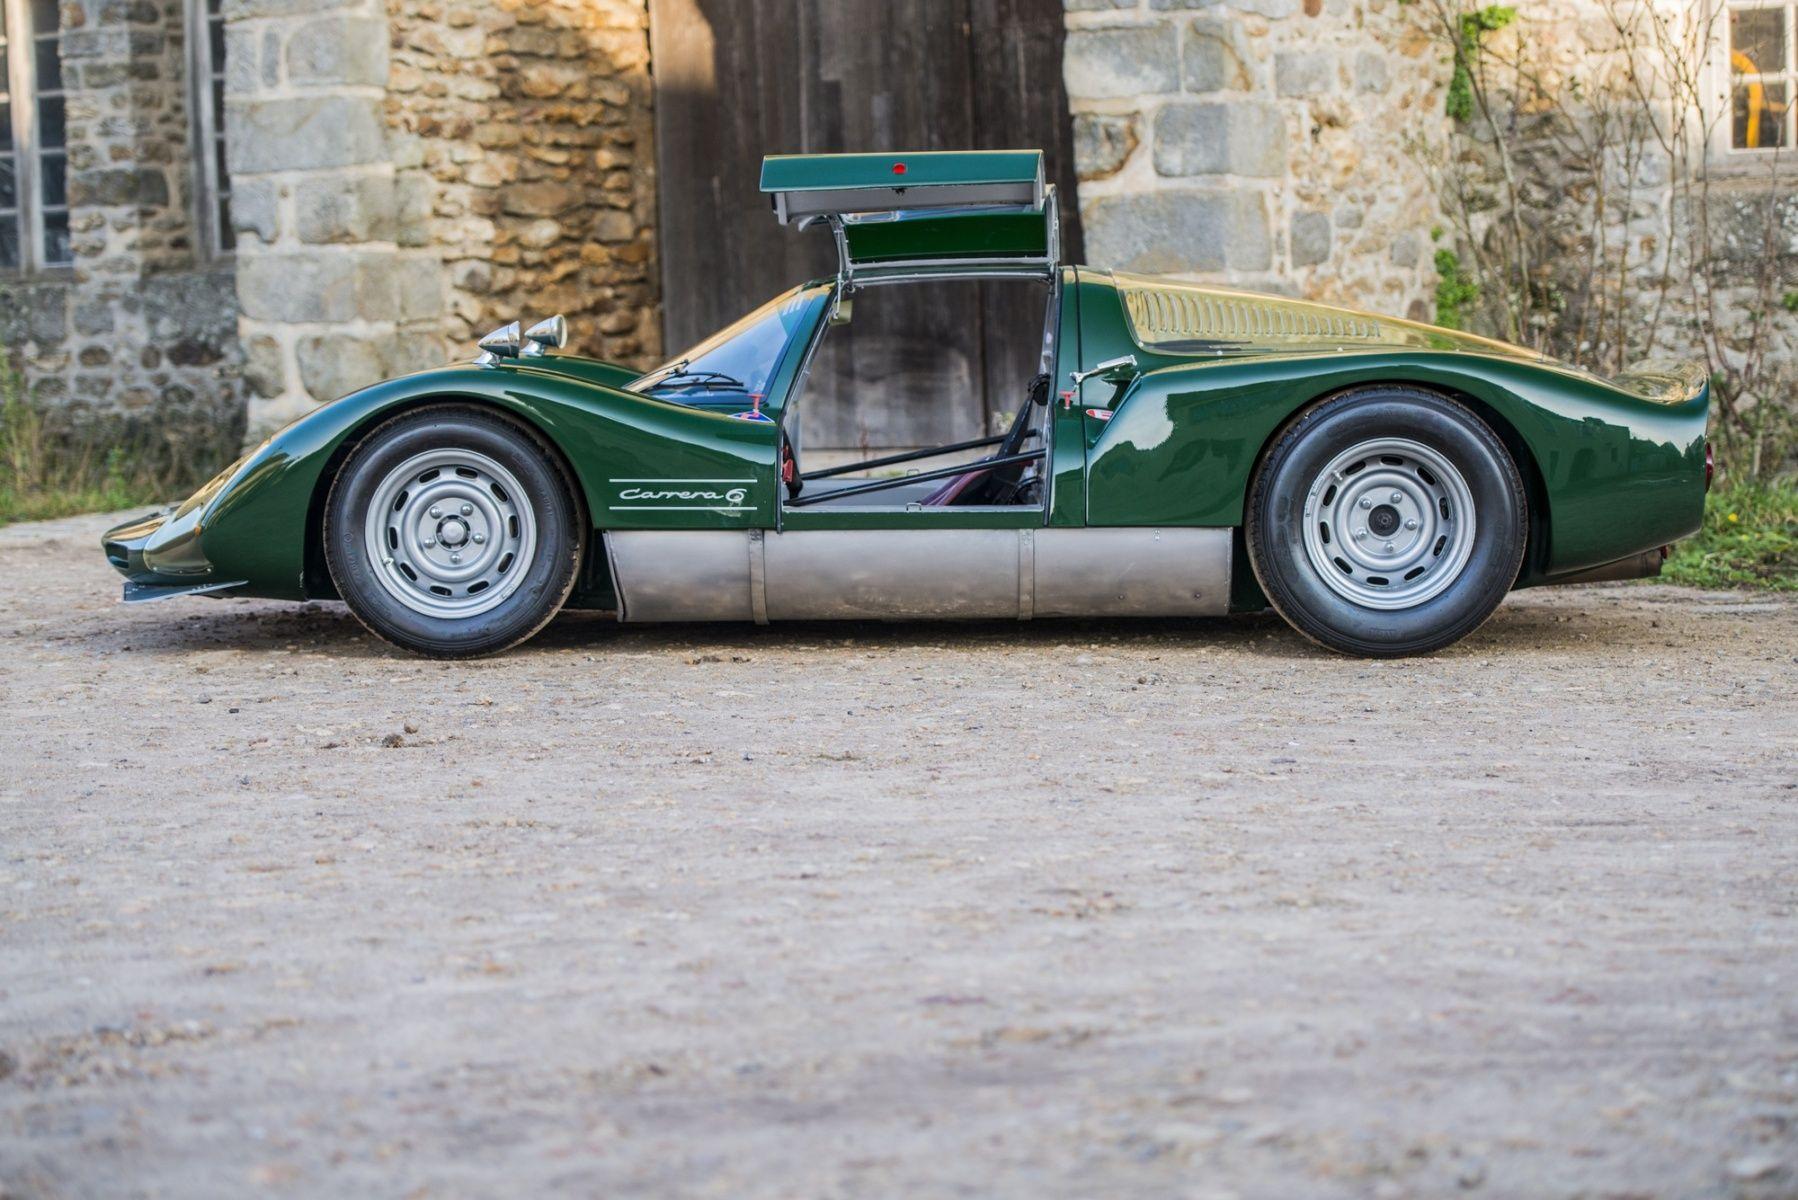 1966 Porsche 906 0 A1 Racing Toys Collection Pinterest Porsche